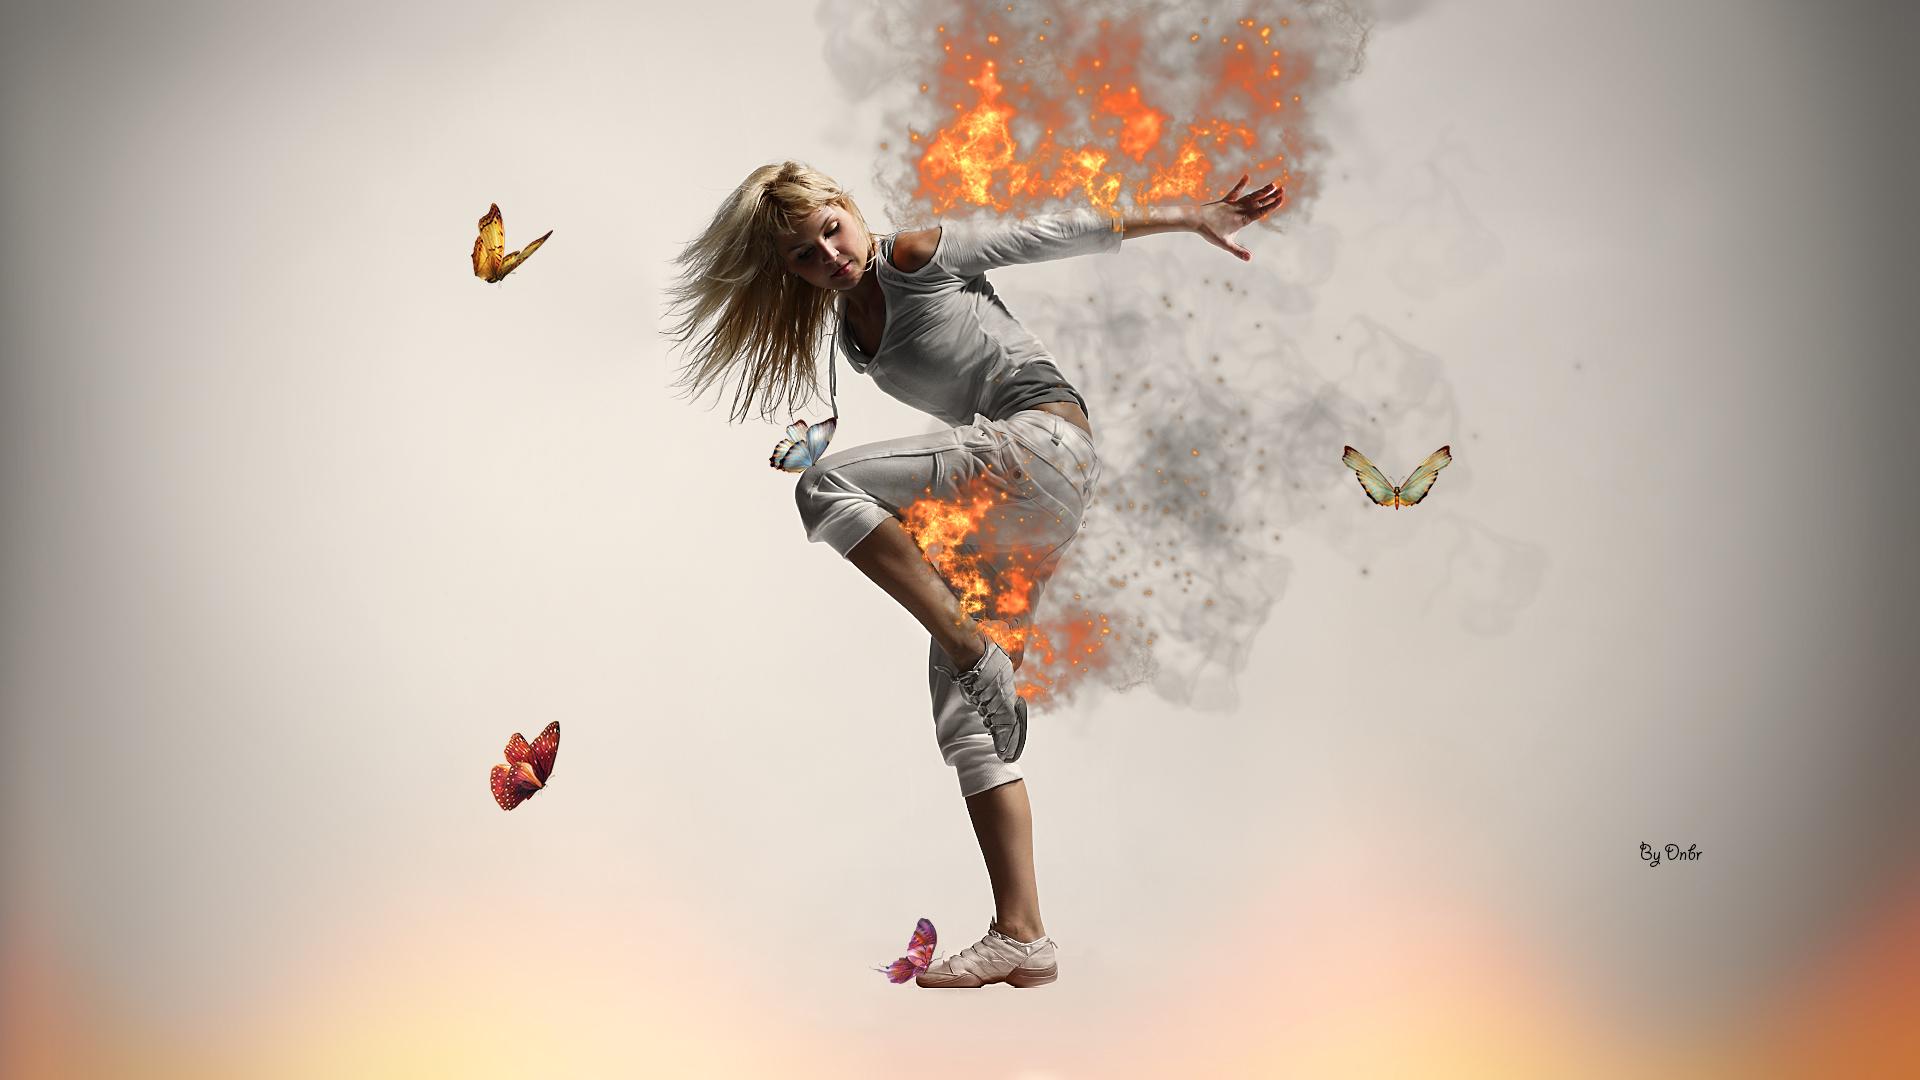 Dance Art Wallpaper cg Digital Art Dance Hip Hop